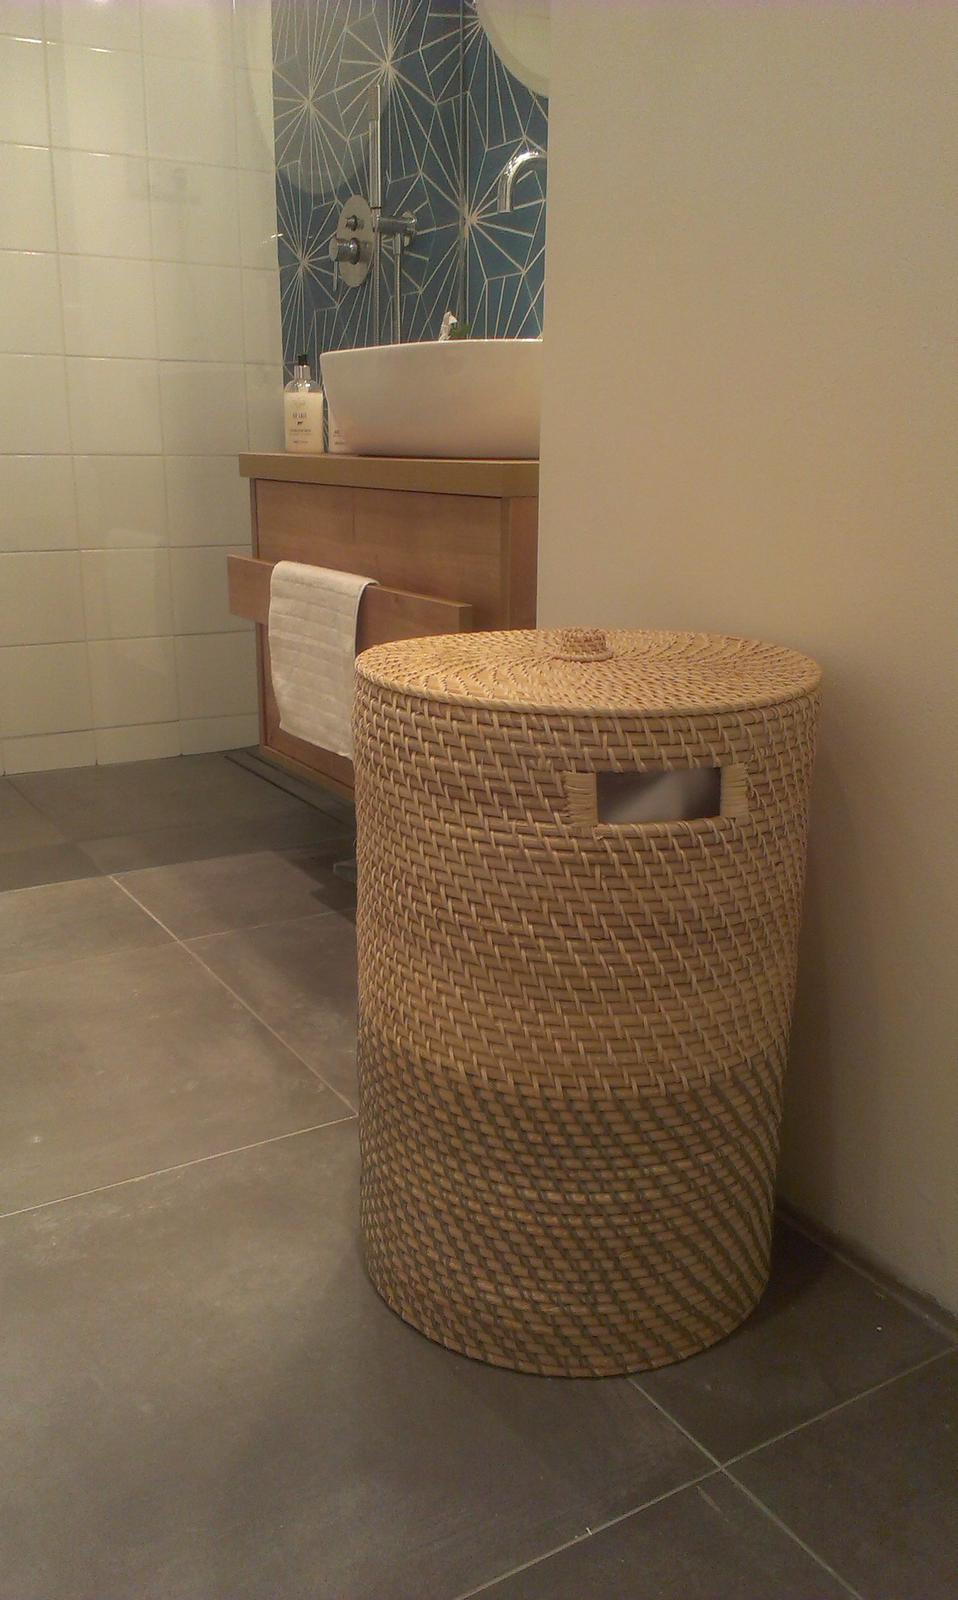 Rekonstrukce - a takhle mu to sluší v koupelně...ještě by to k němu chtělo kámoše do dvojice